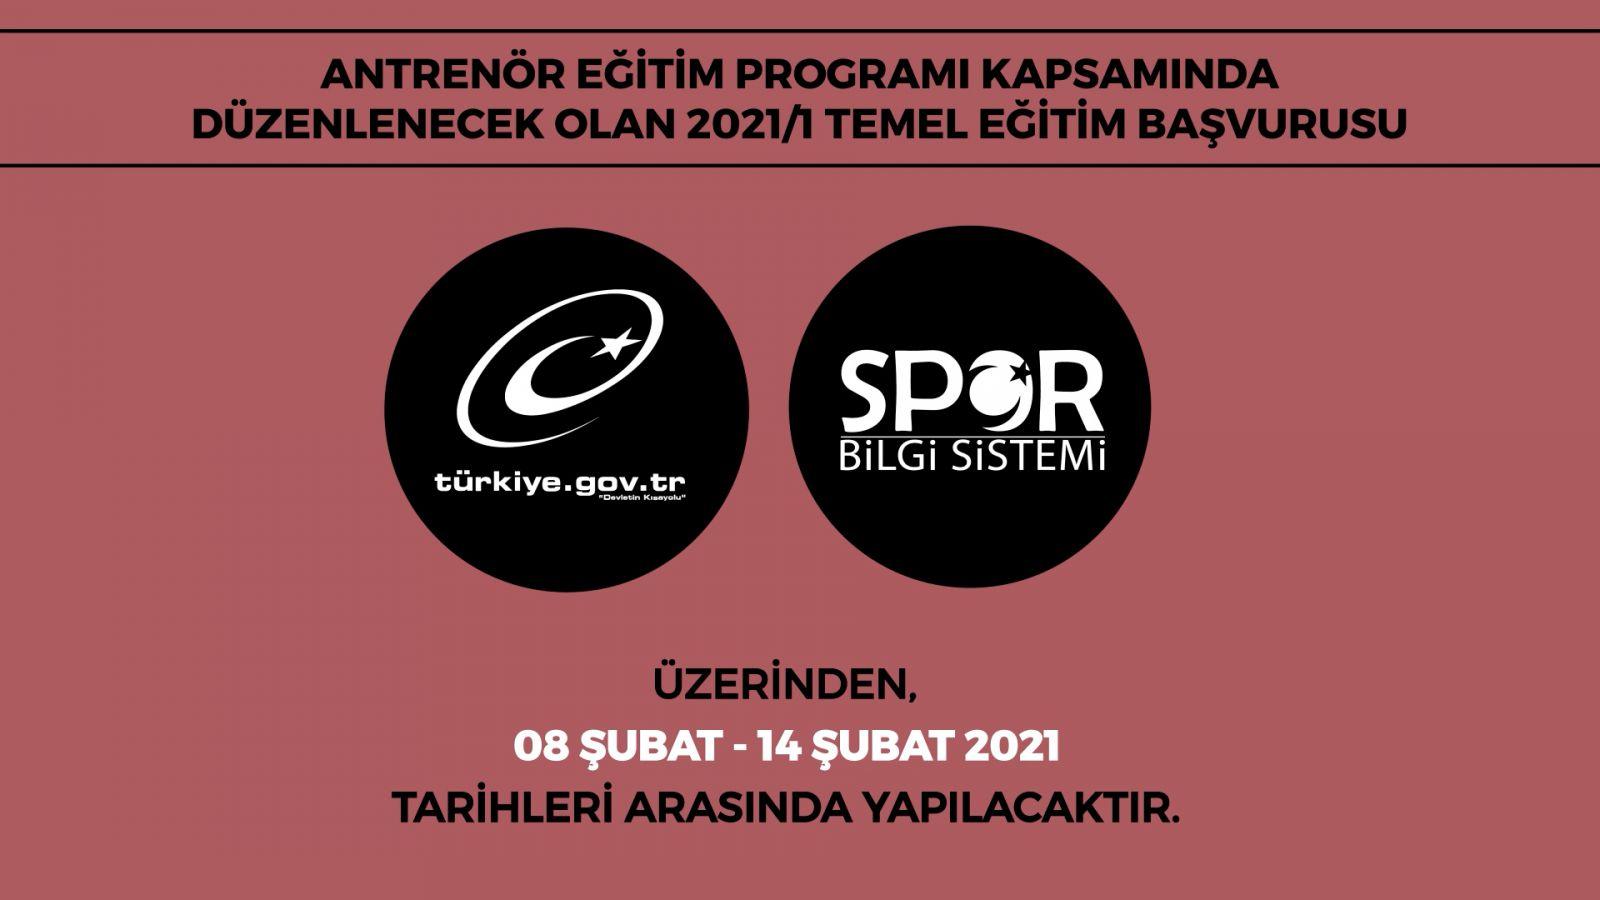 ANTRENÖR EĞİTİM PROGRAMI TEMEL EĞİTİM BAŞVURUSU 2021/1